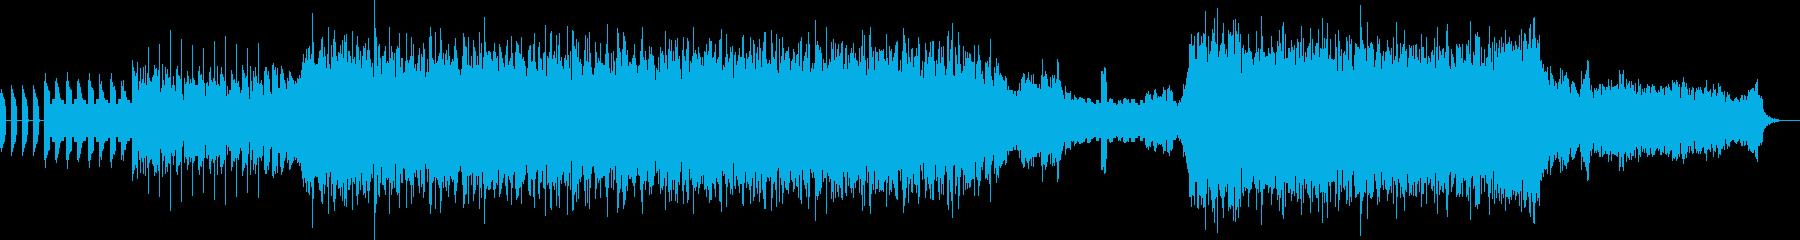 謎の変異体Xとの戦いを表現した曲の再生済みの波形